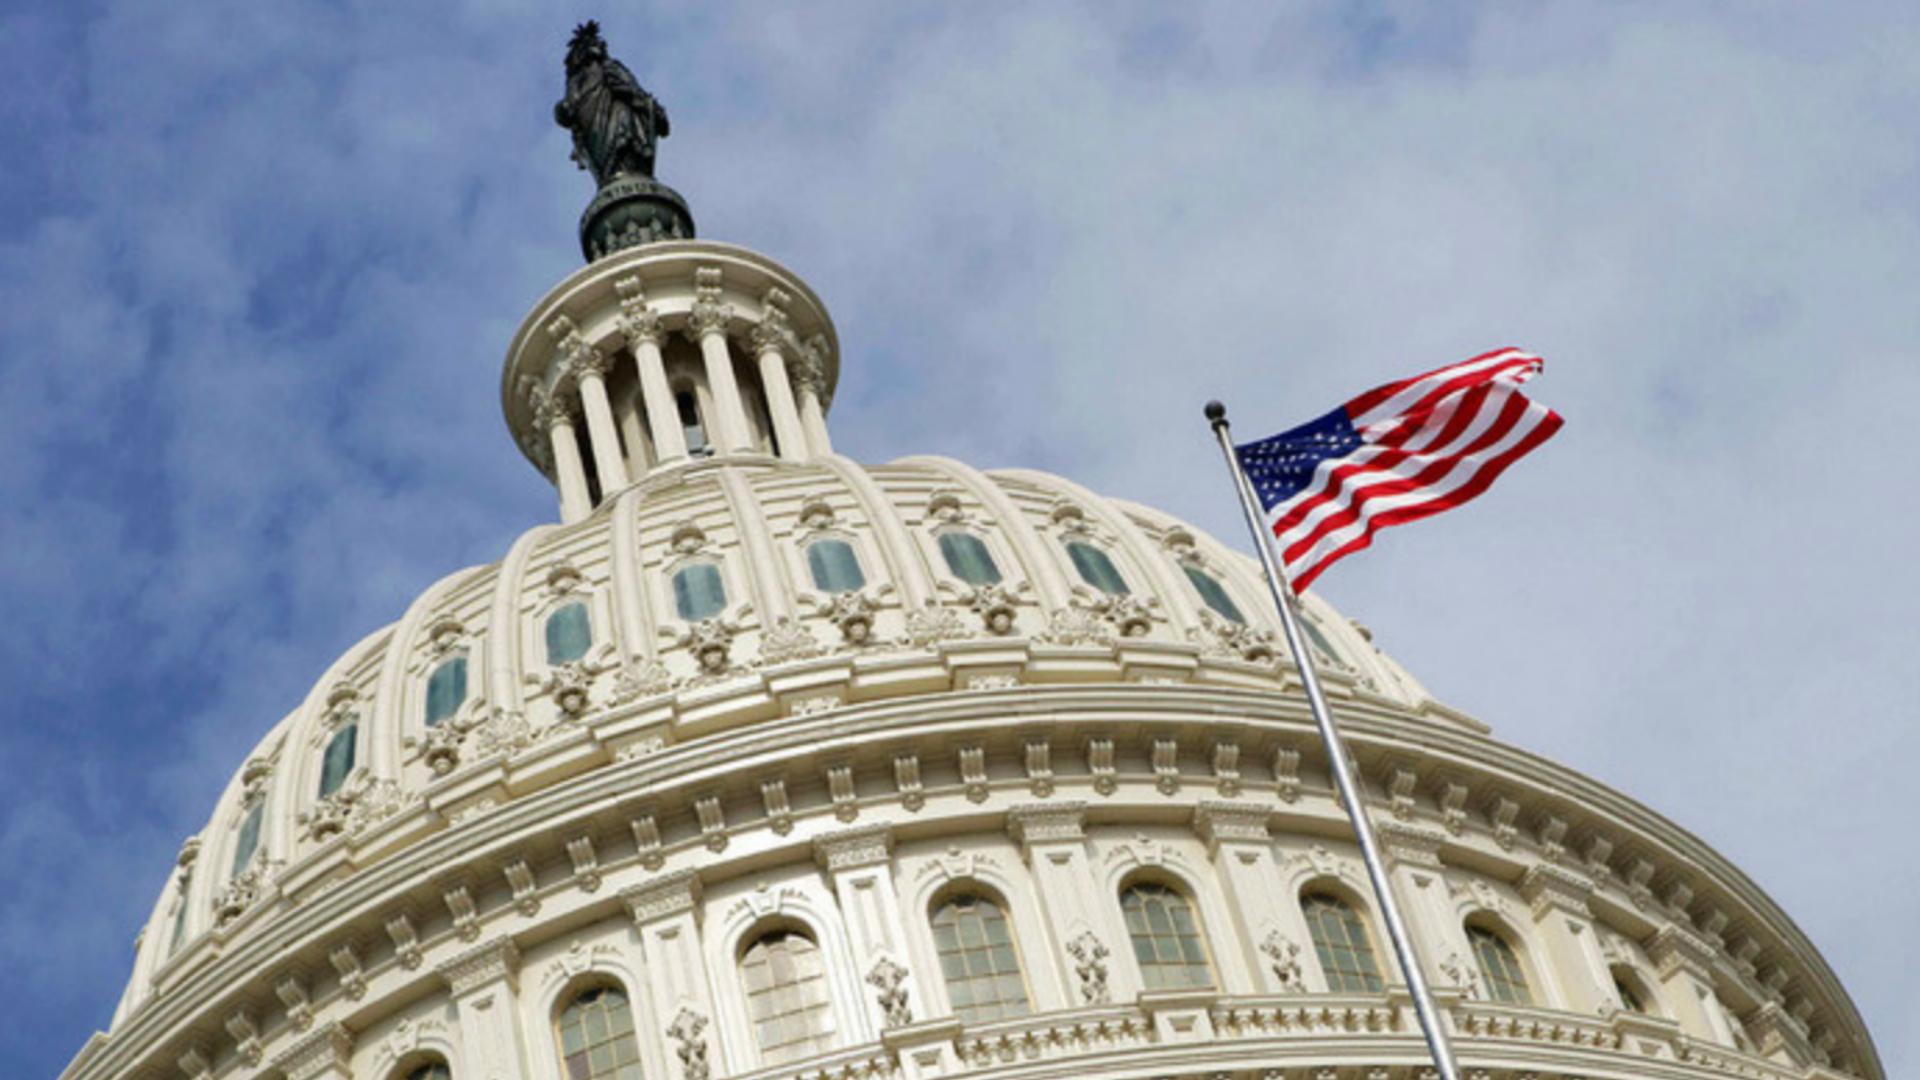 ԱՄՆ-ում կարող է նոր նահանգ ավելանալ․ Վաշինգտոնն առաջարկվում է 51-րդ նահանգ դարձնել